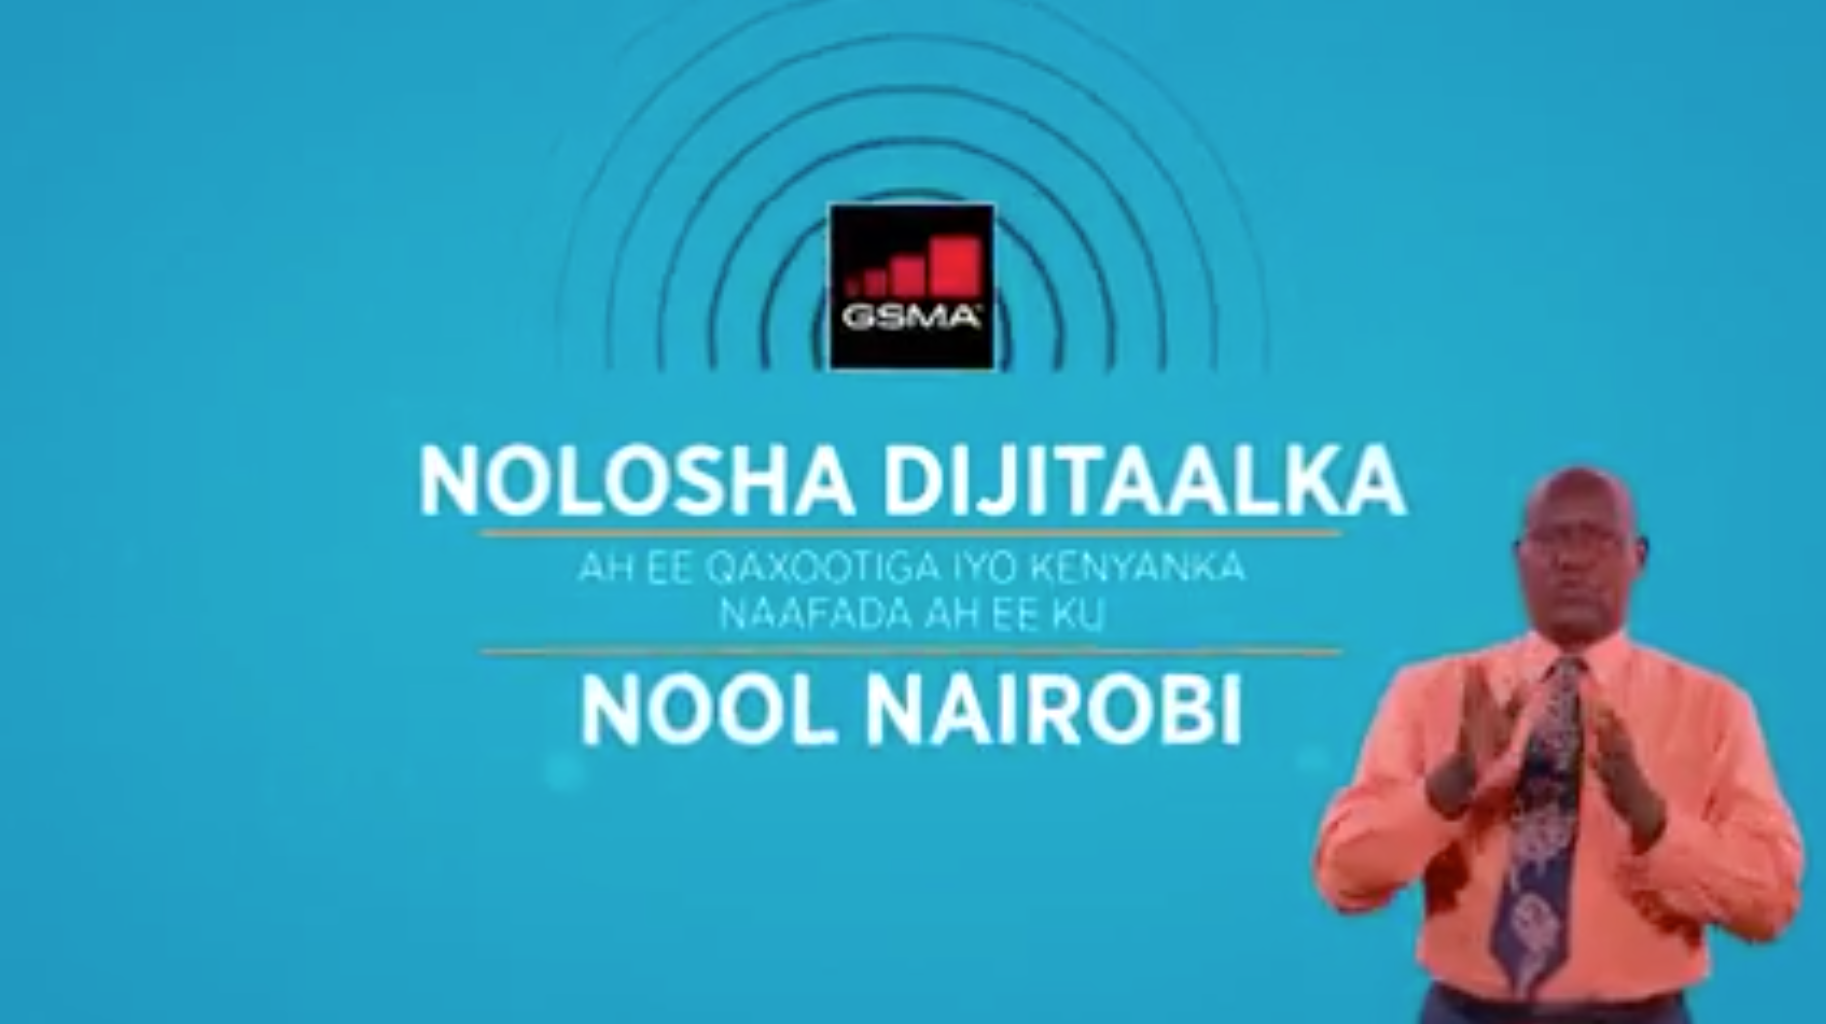 Screen of video title screen in Somali. Text reads: Nolosha dhijitaalka ah ee qaxootiga iyo Kenyanka naafada ah ee ku nool Nairobi